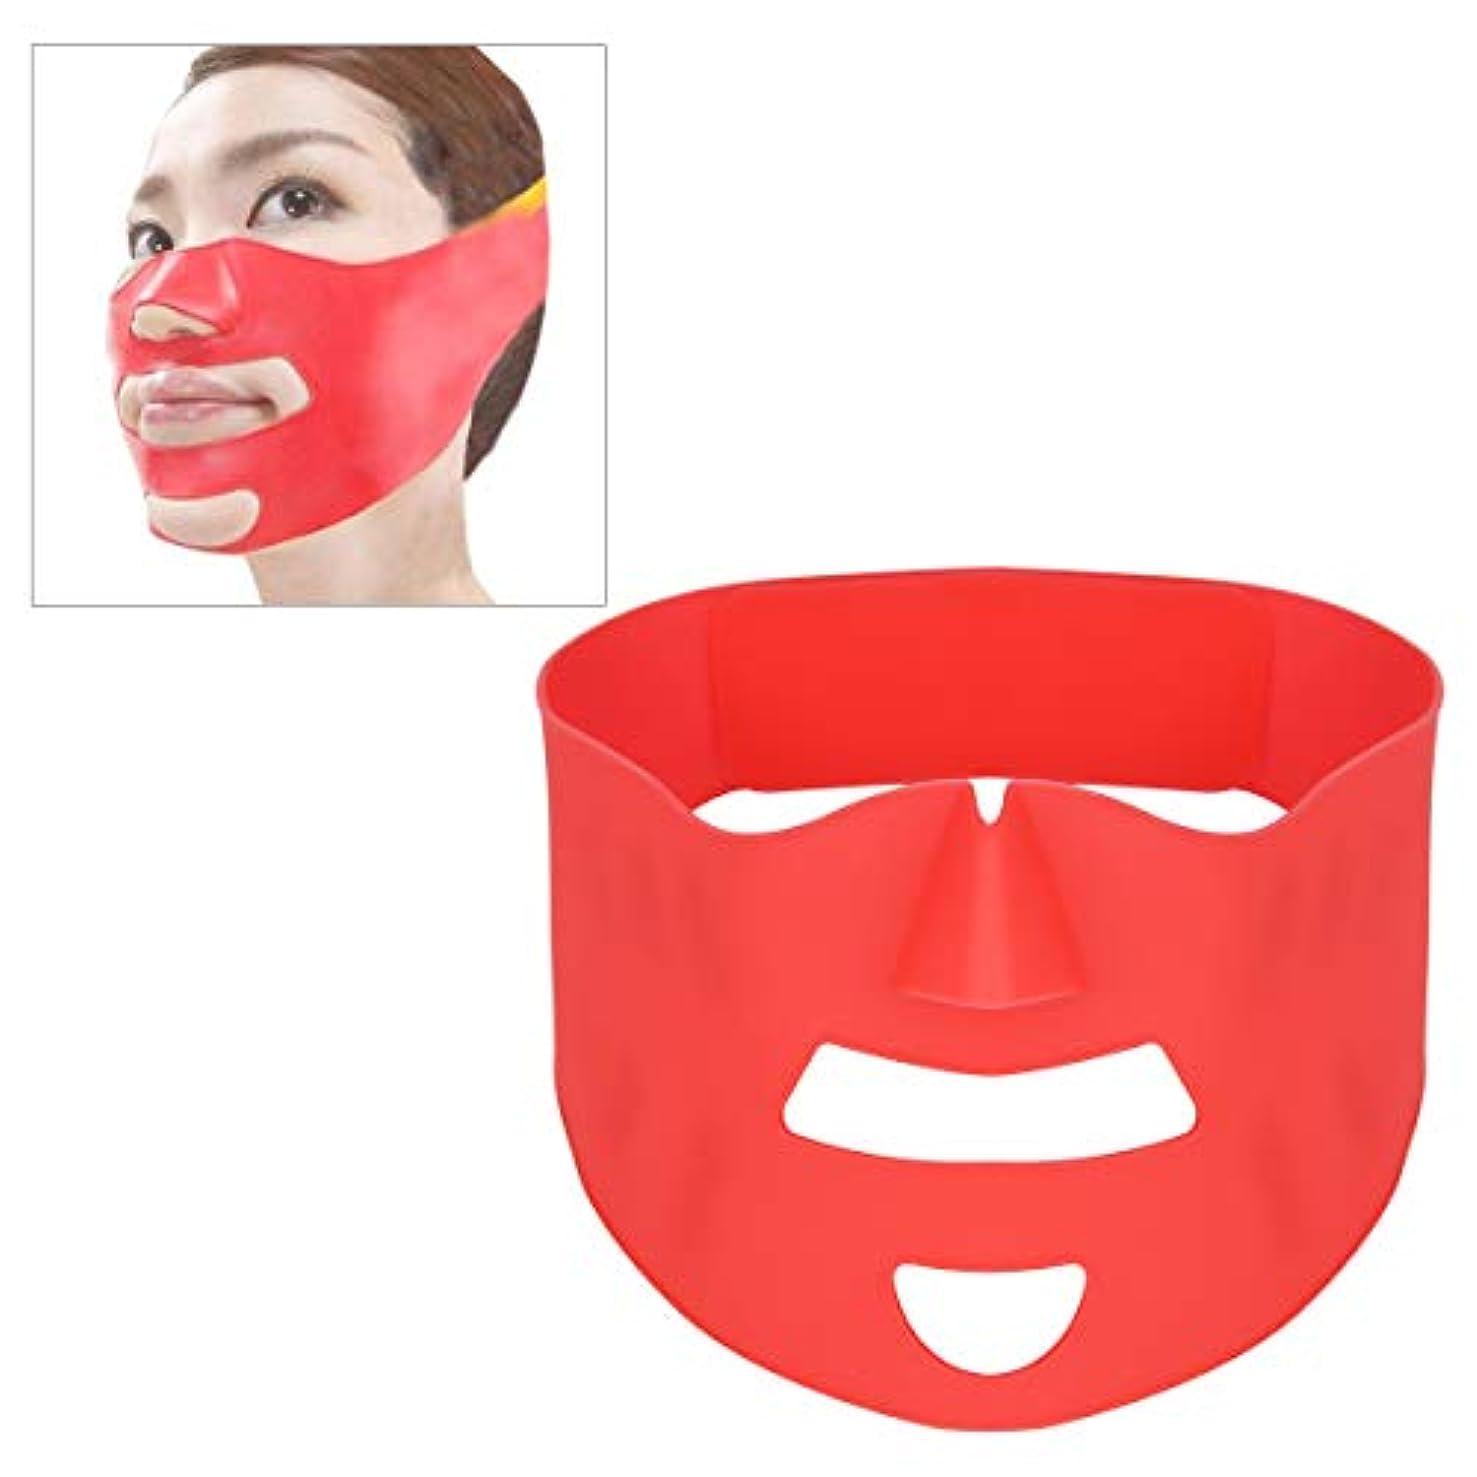 世論調査ベアリング機密フェイスベルト 小顔 マスク リフトアップ 美顔 シリコン 抗しわ 皮膚改善 軽量 引き締め 引き上げマスク